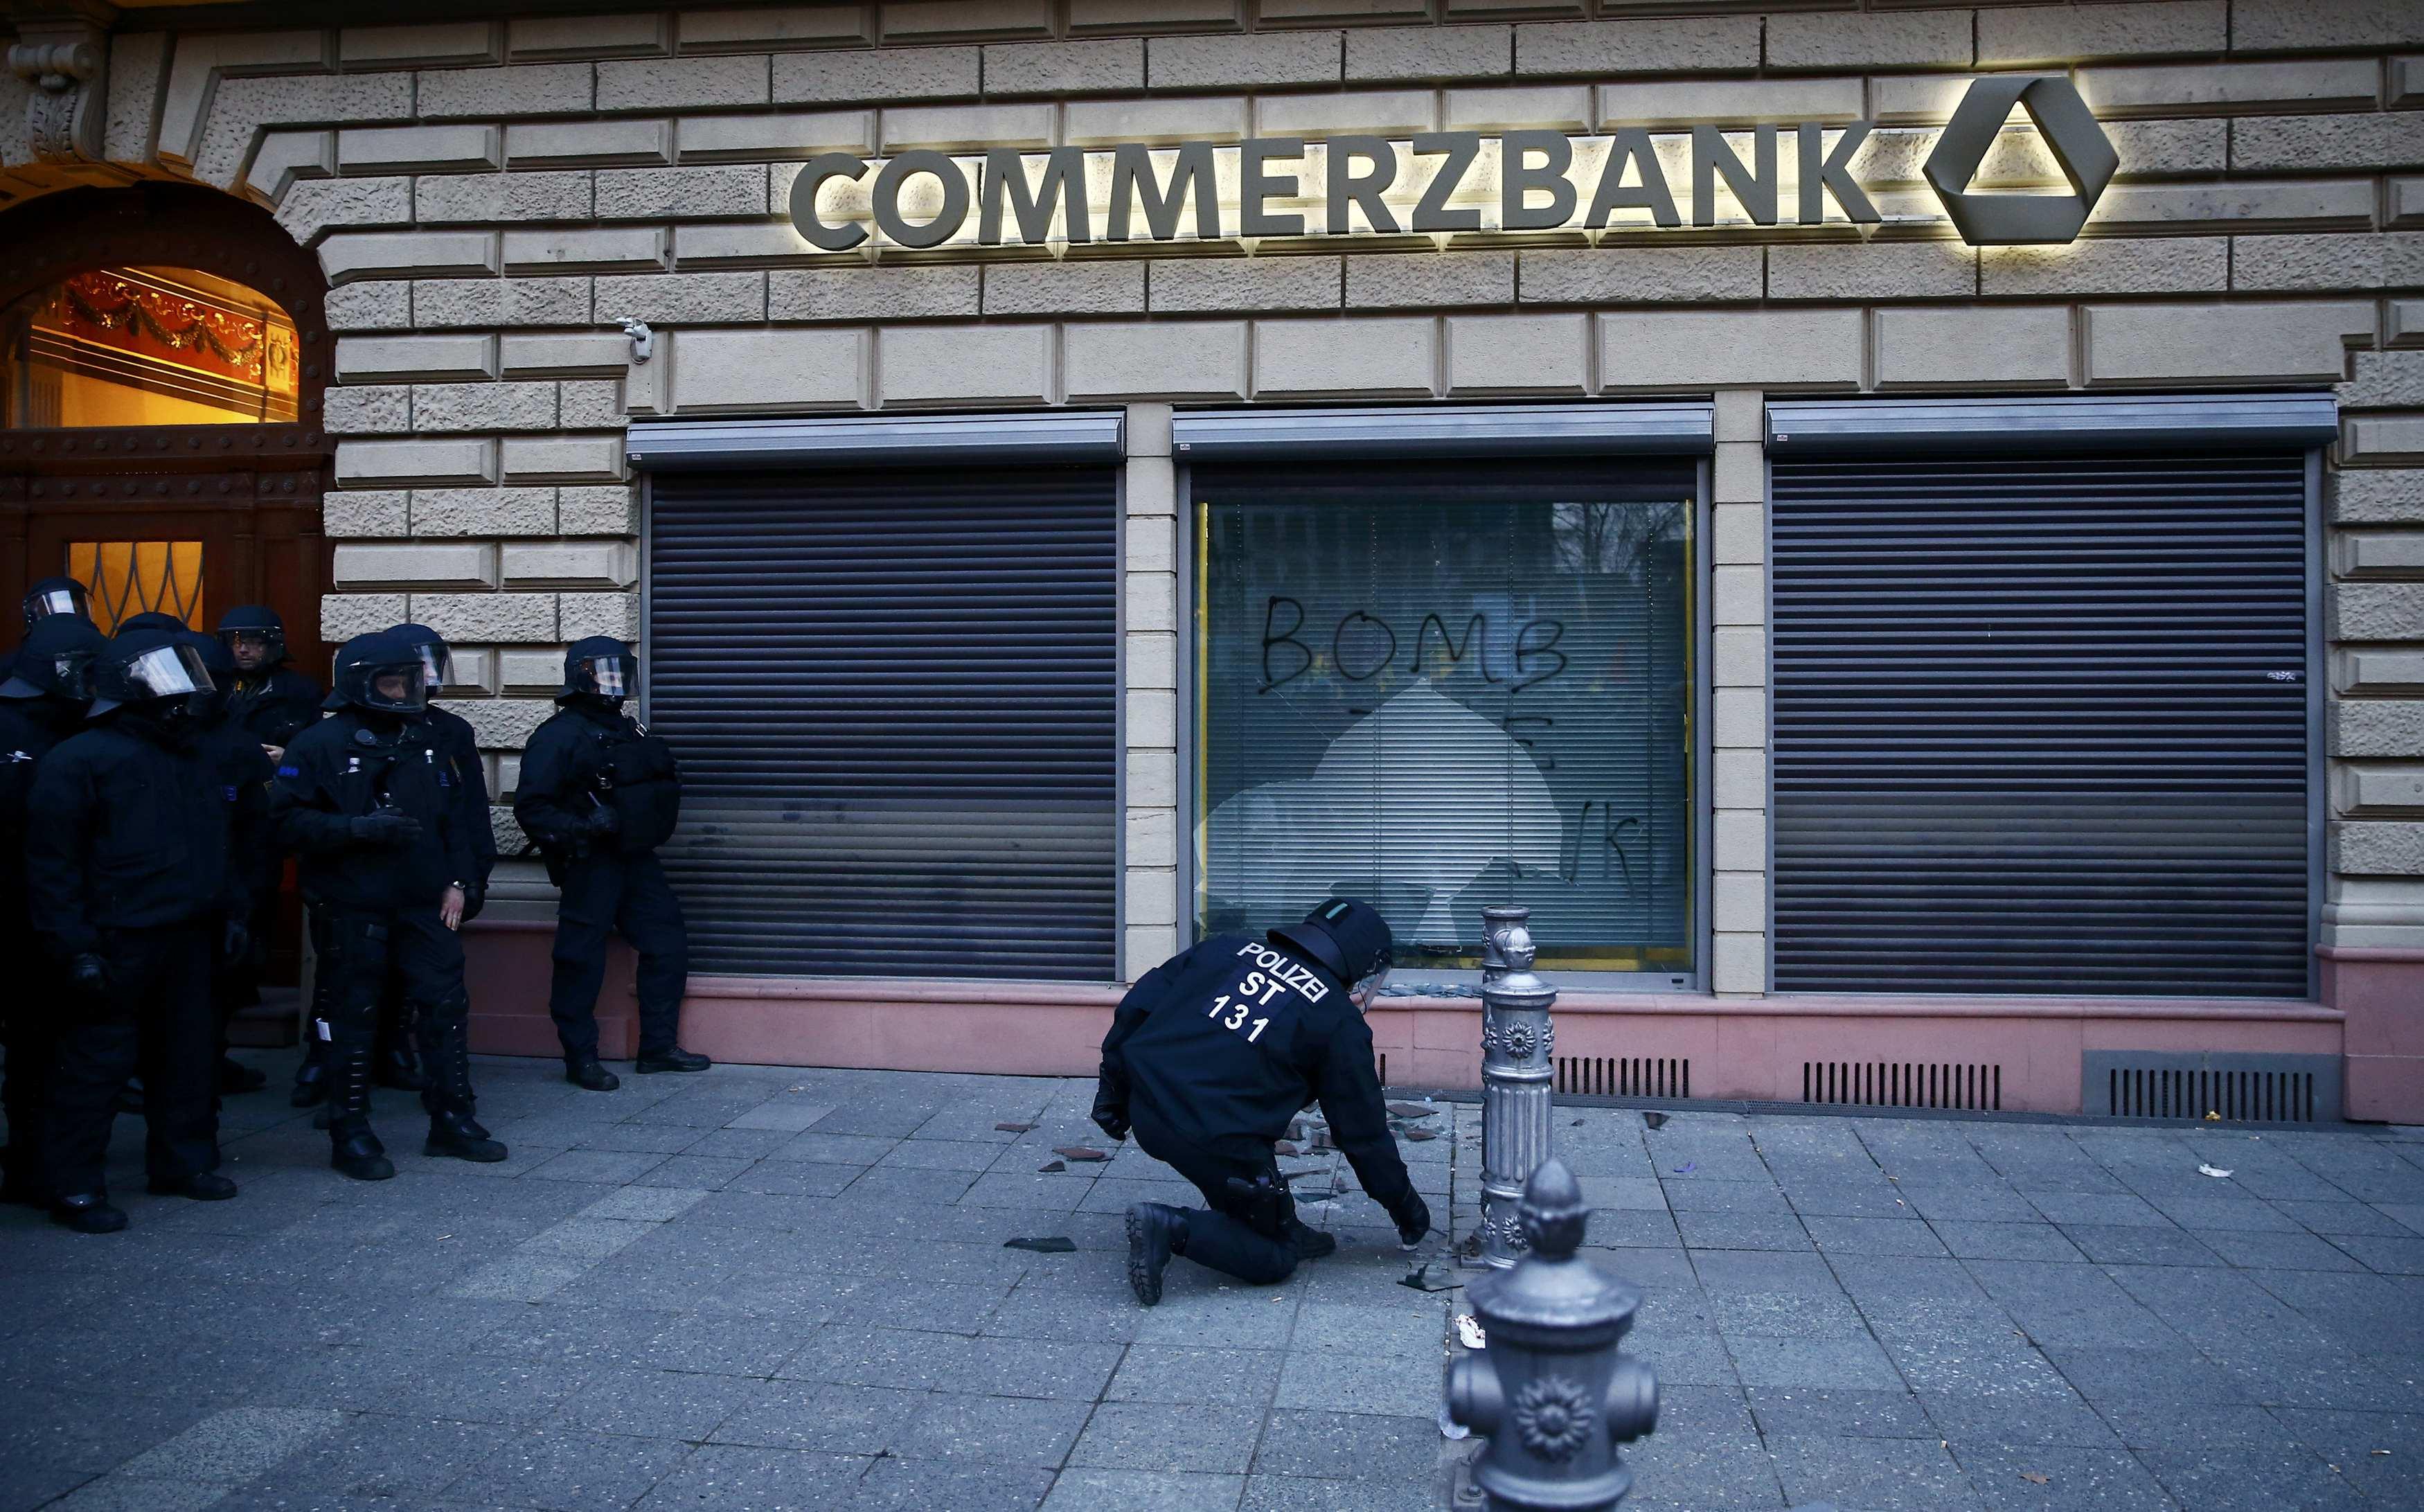 Commerzbank despedirá a 9,600 trabajadores